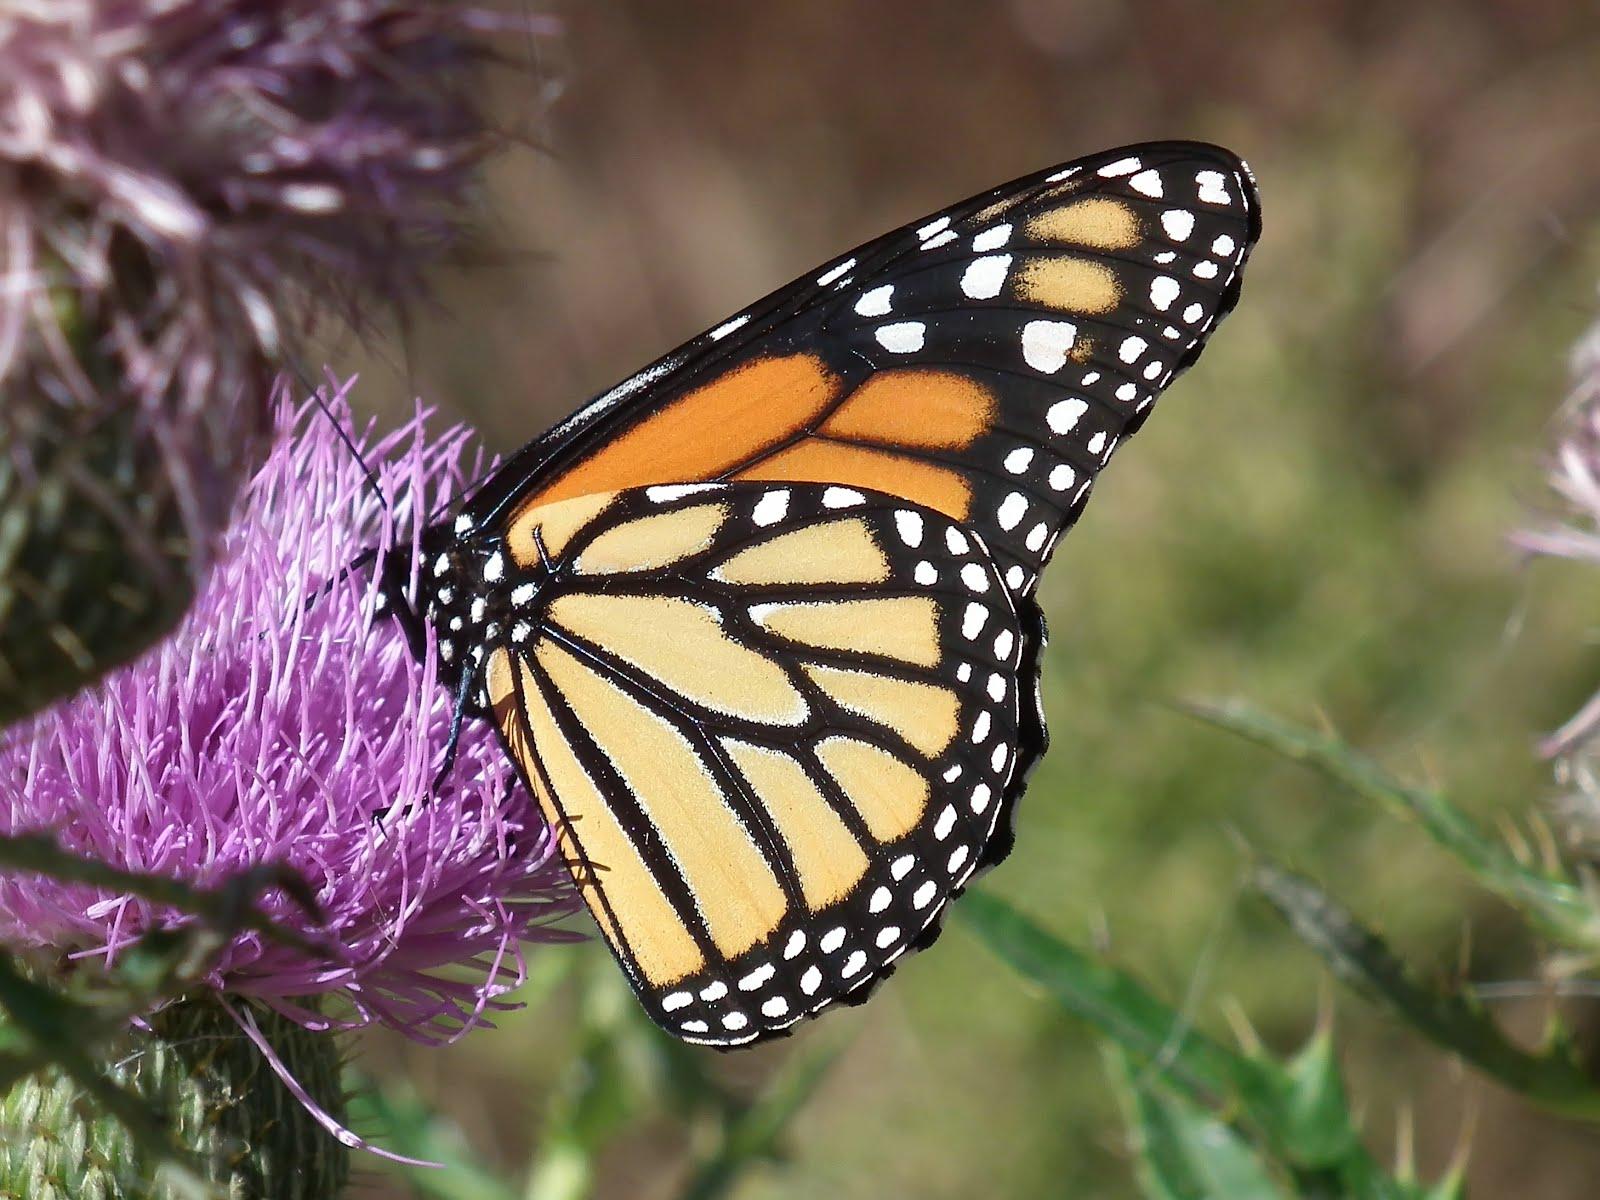 Monarch butterfly wings - photo#10